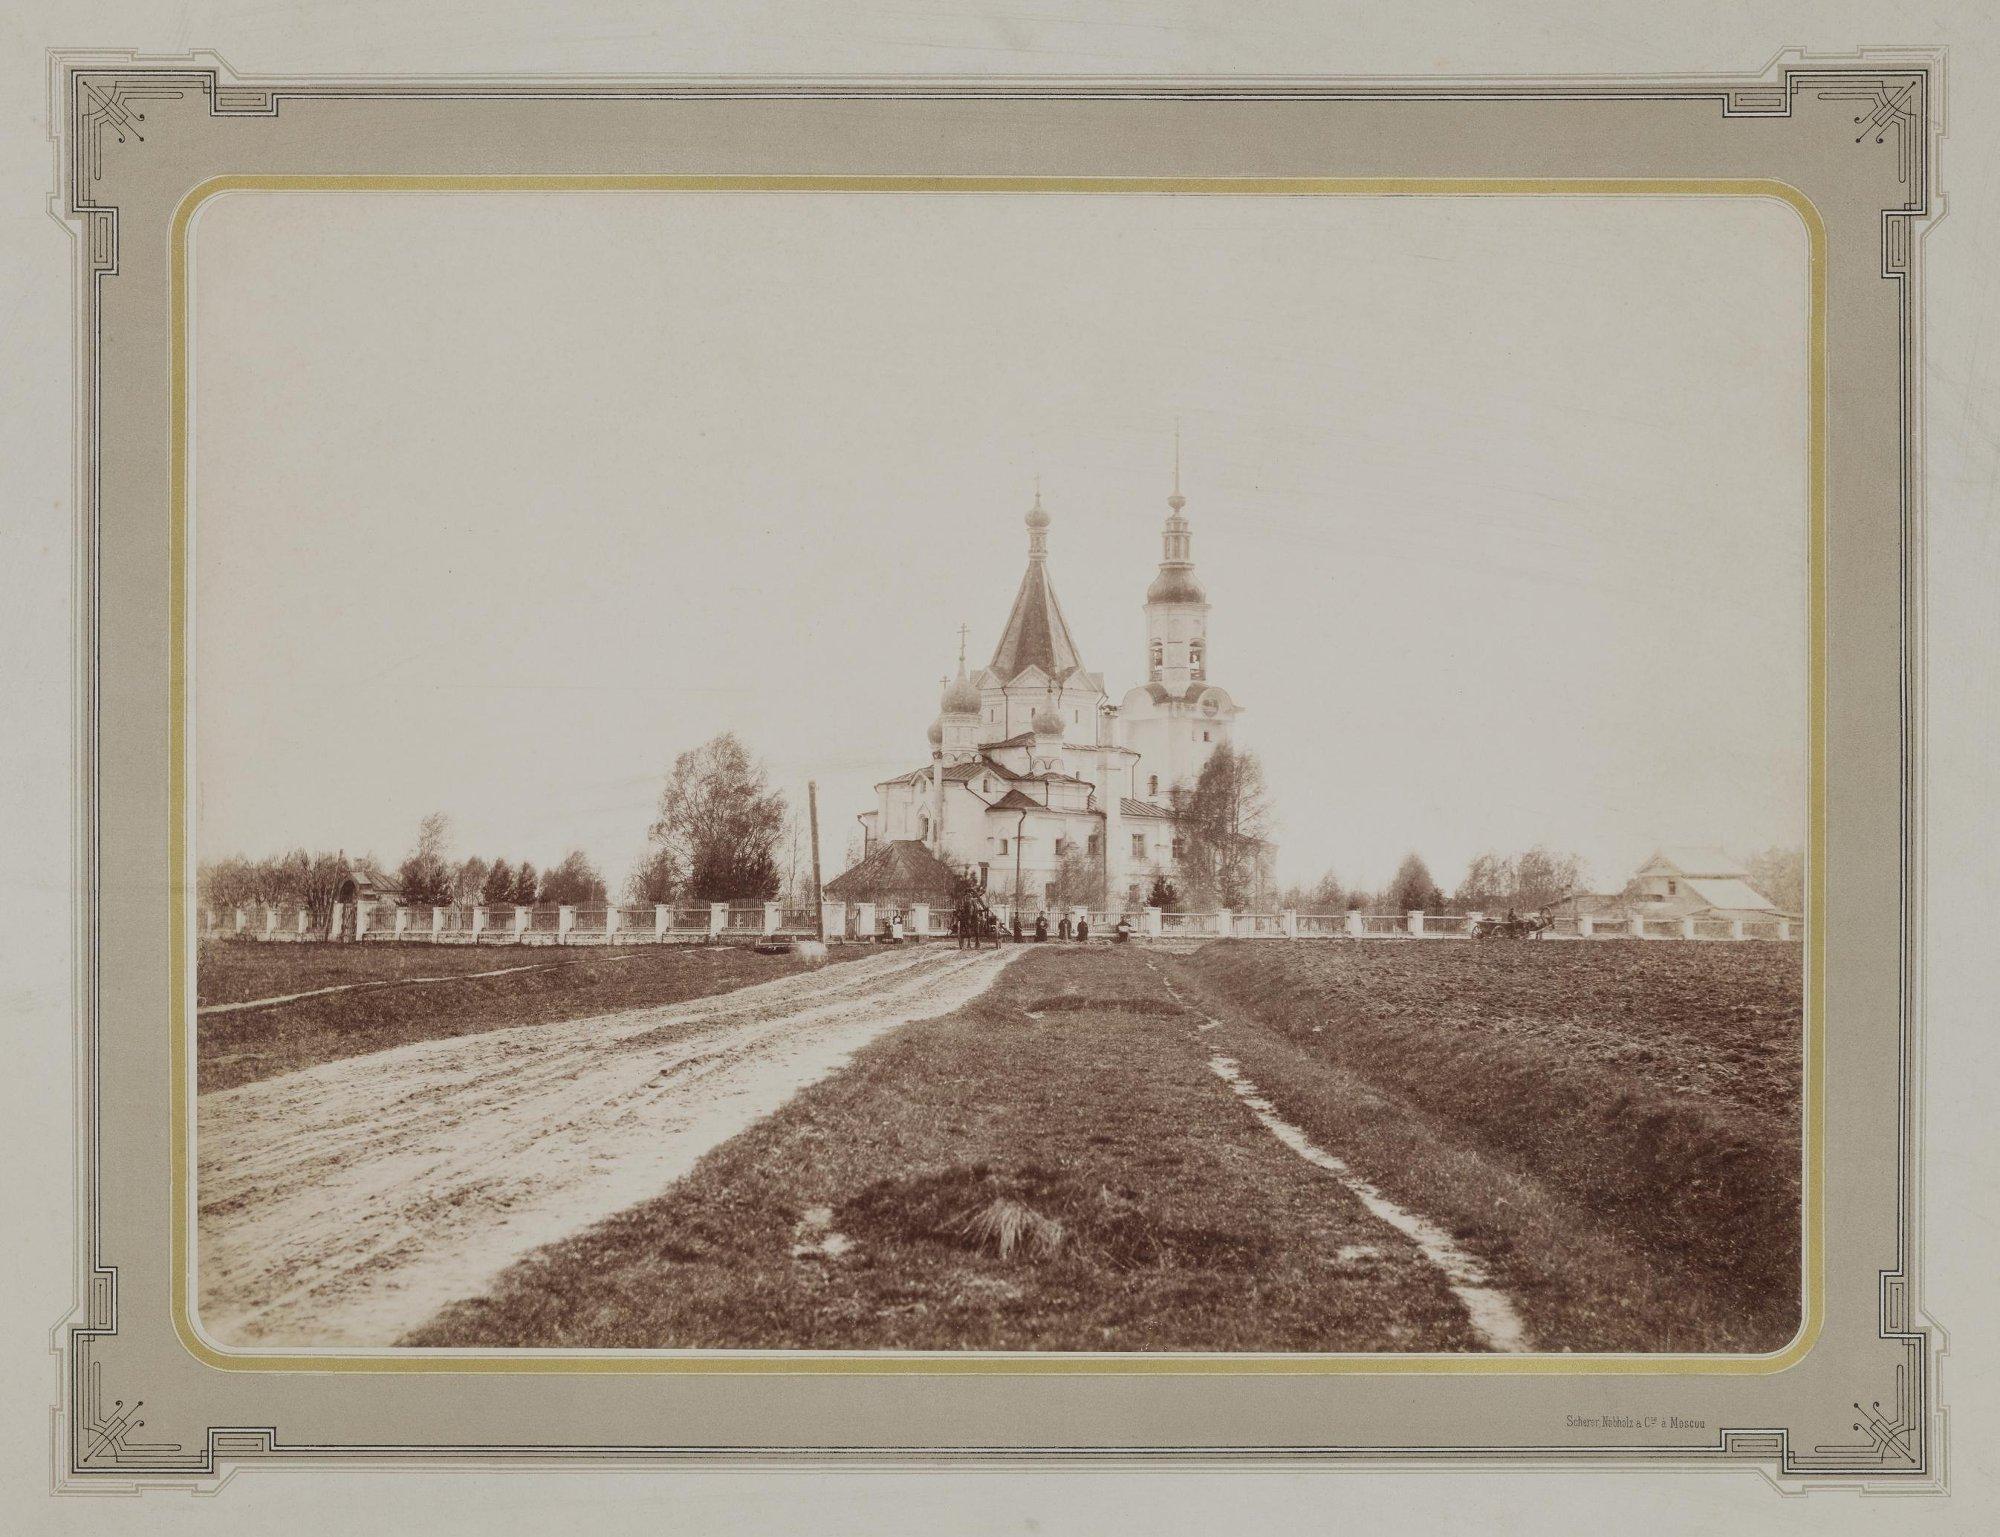 1883-1886. Усадьба Кусково. Церковь Успения Пресвятой Богородицы в Вешняках